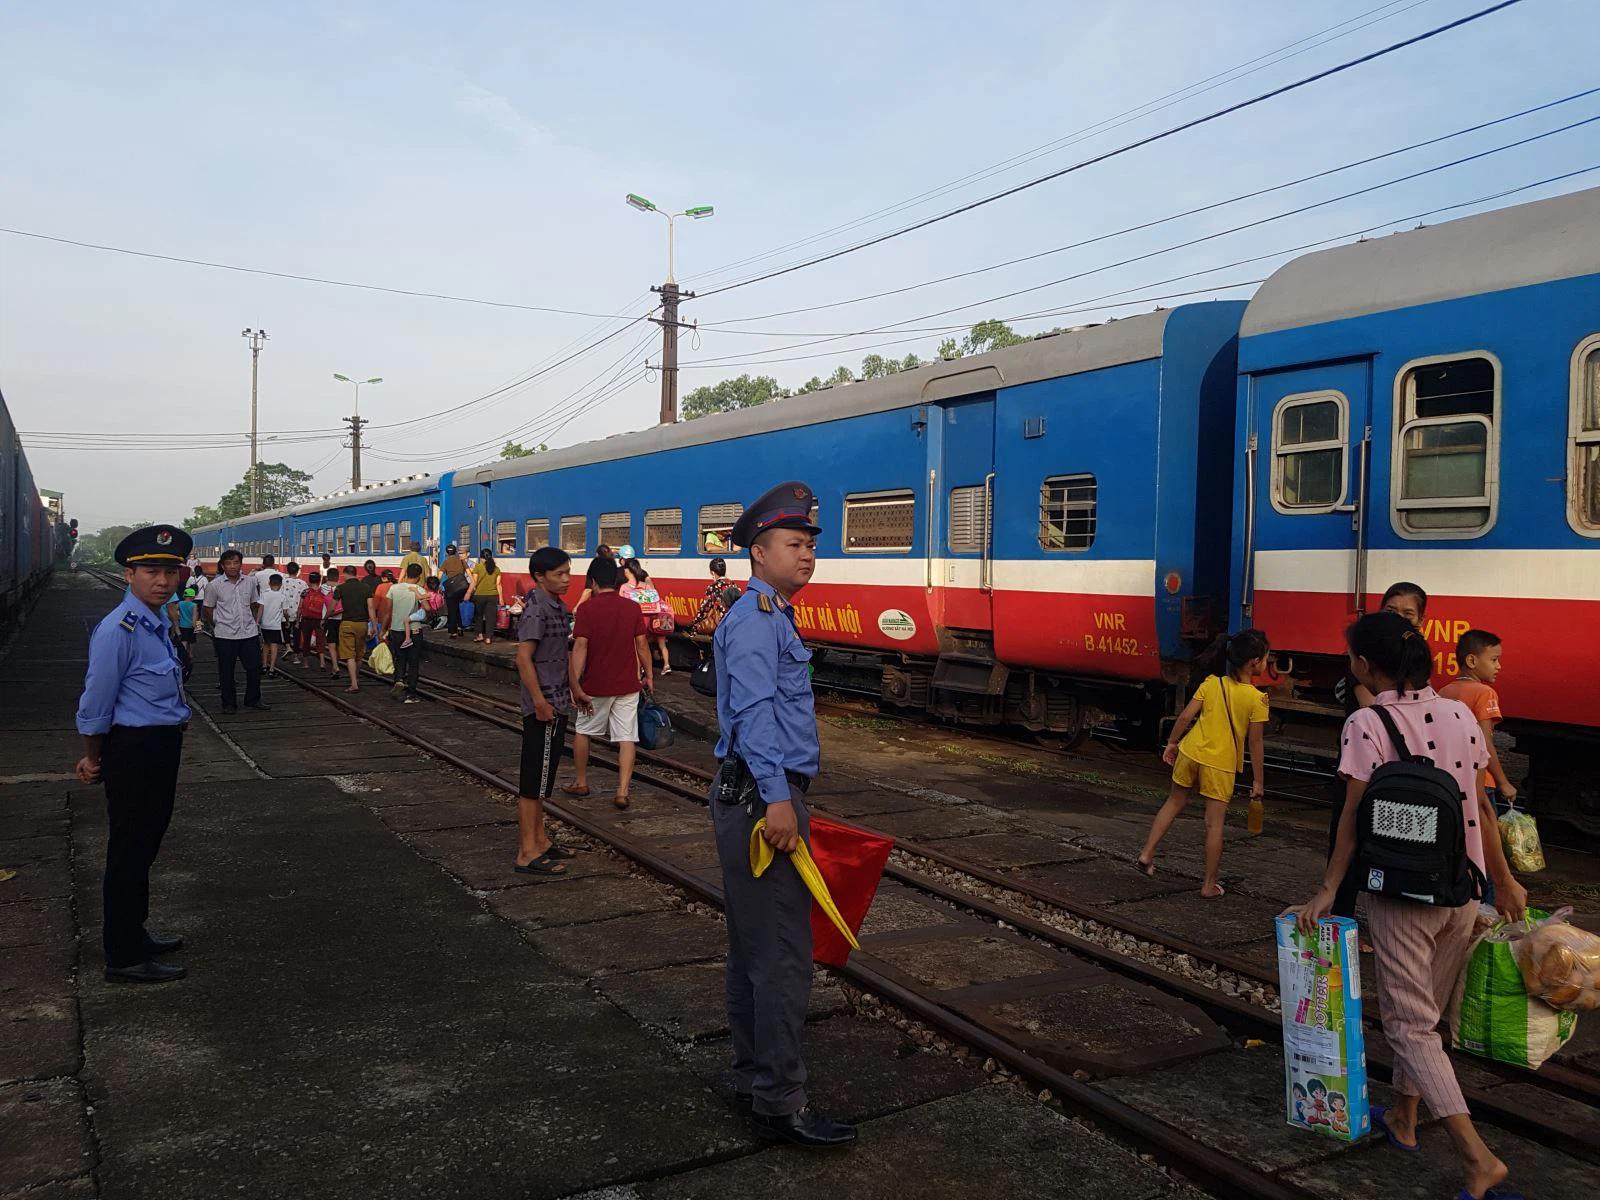 Đường sắt Việt Nam mở bán vé các tuyến tàu thêm cho dịp 30/4 và 1/5 - Ảnh 1.